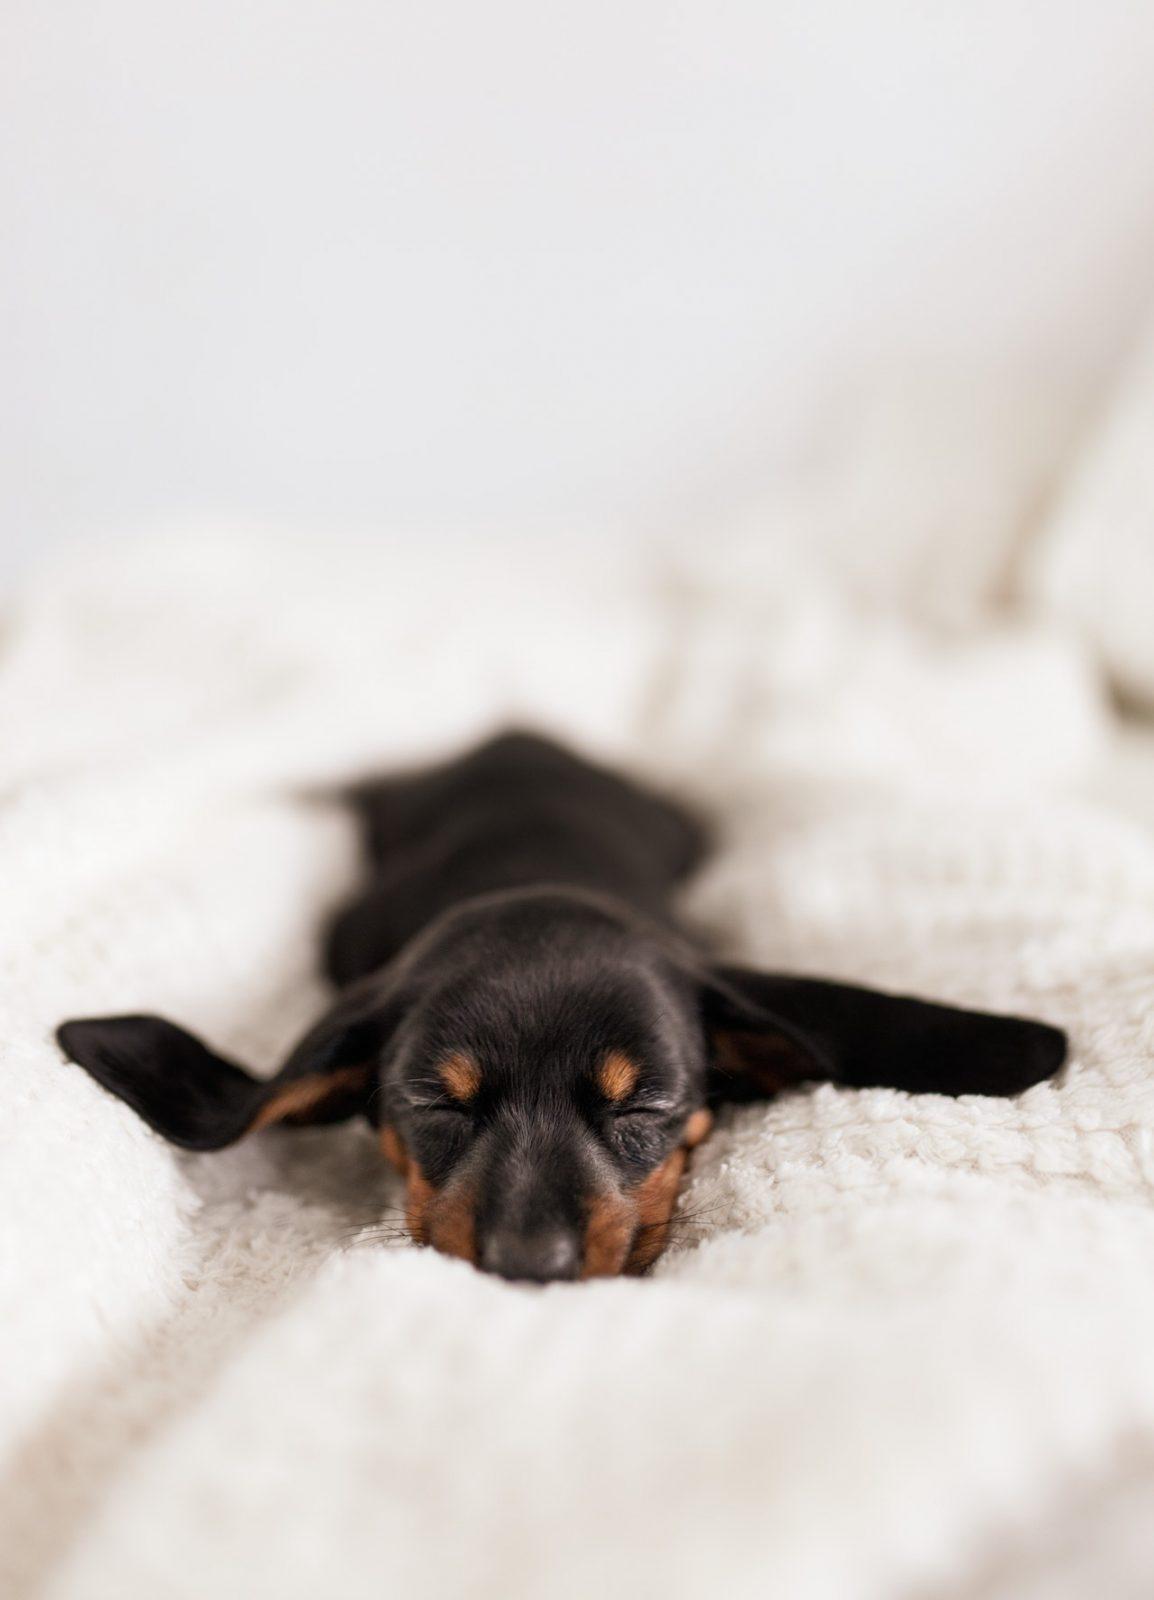 pexels dominika roseclay 4148015 - Diarréia crônica em filhotes de cães e gatos: Pode ser Giárdia?